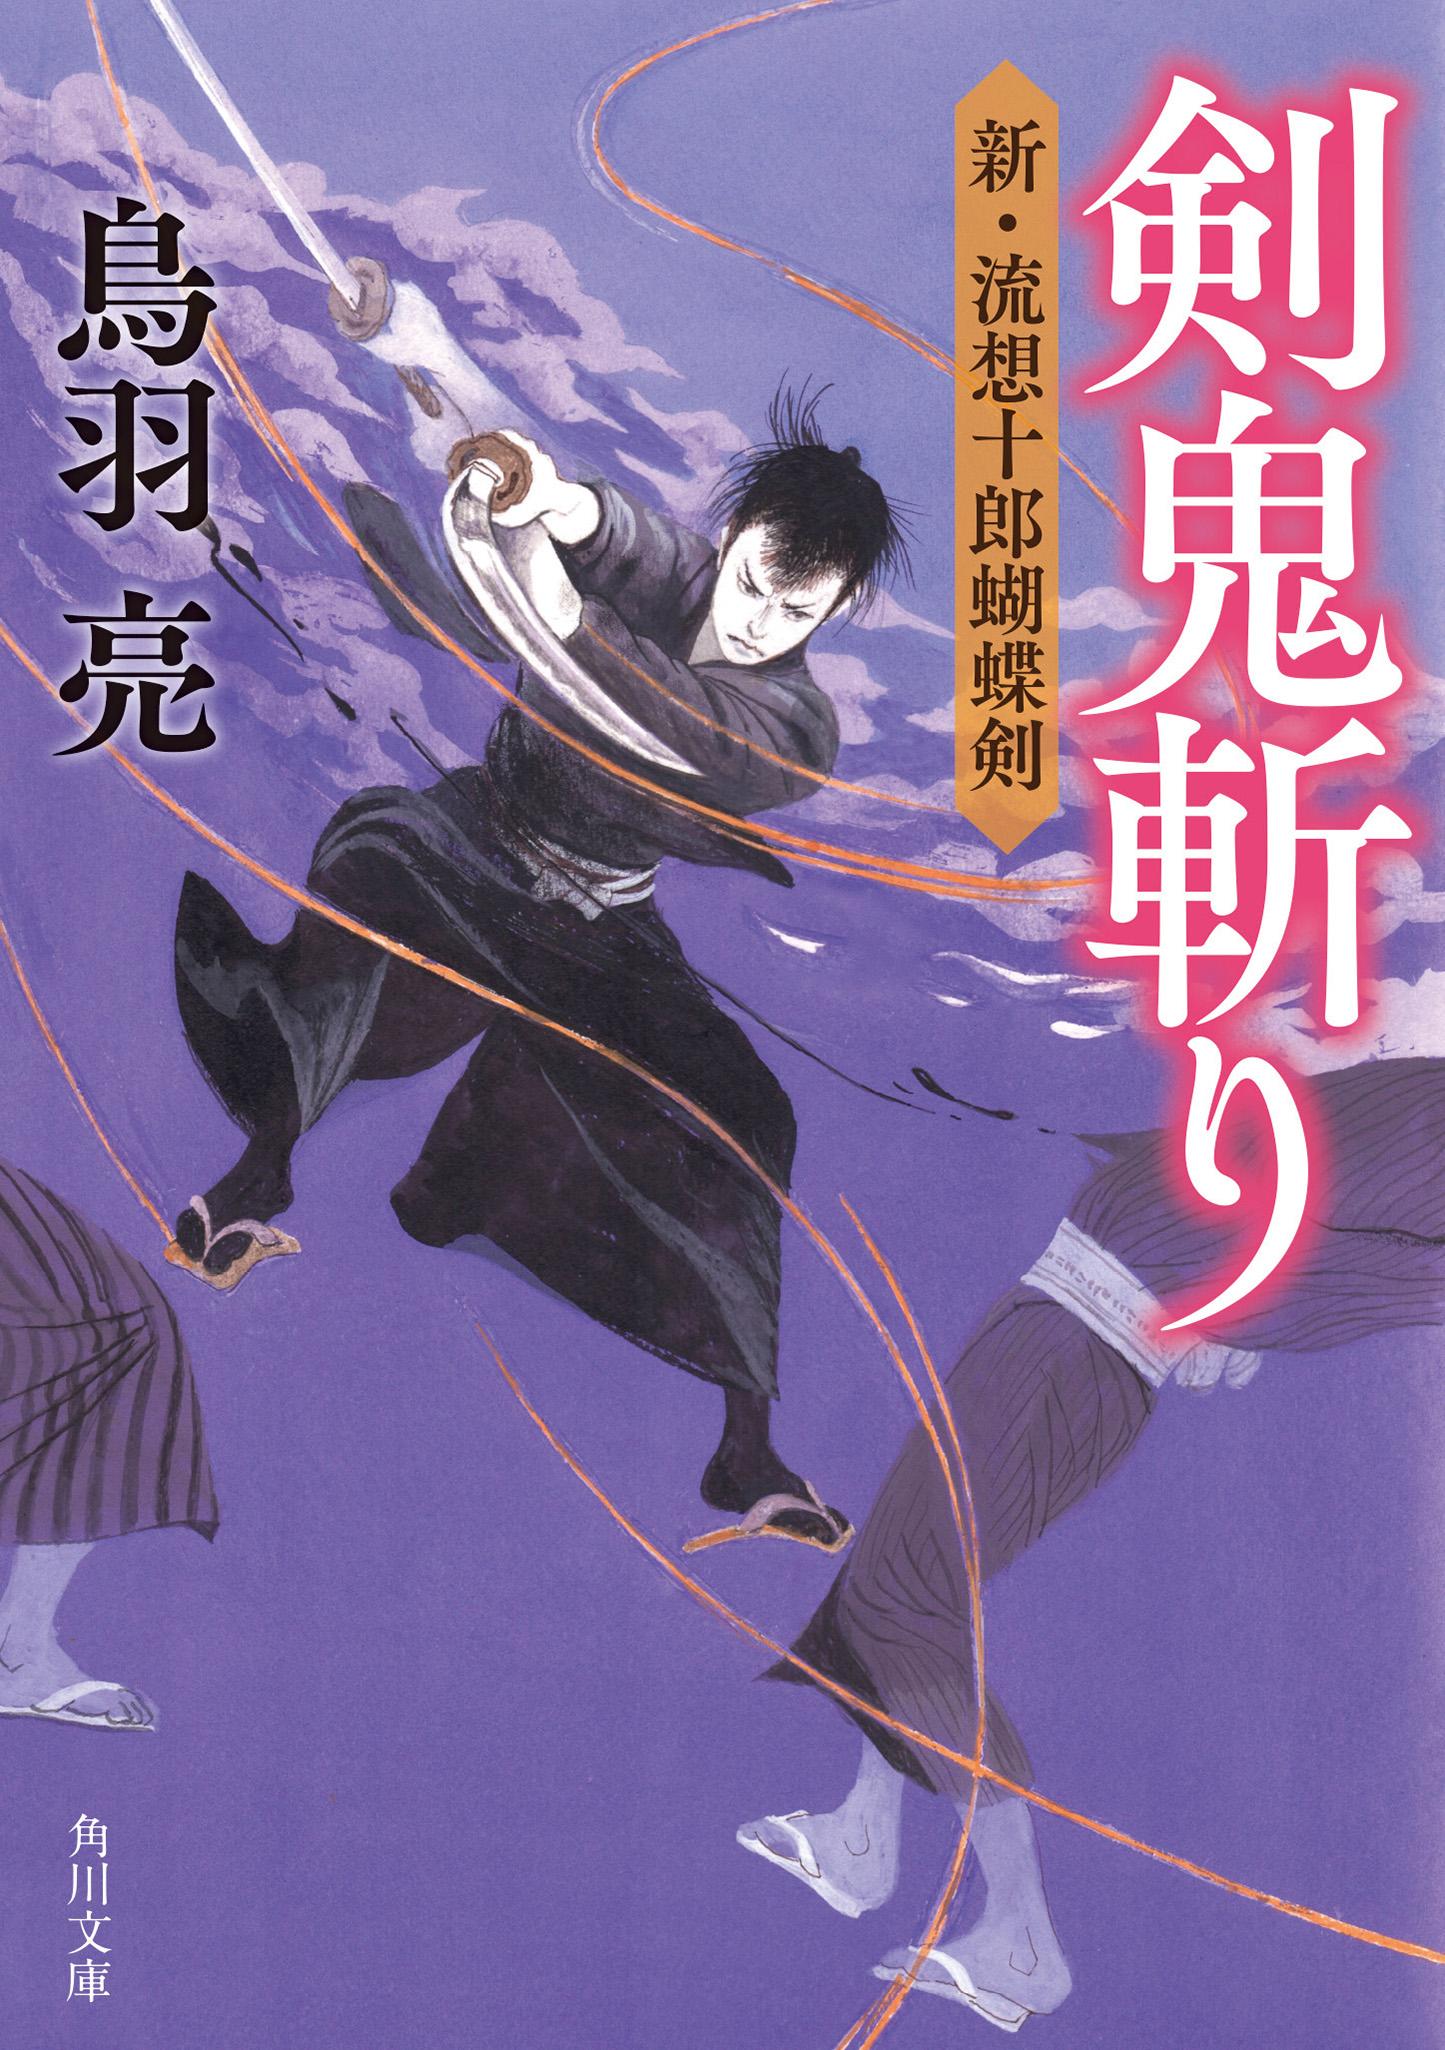 剣鬼斬り 新・流想十郎蝴蝶剣